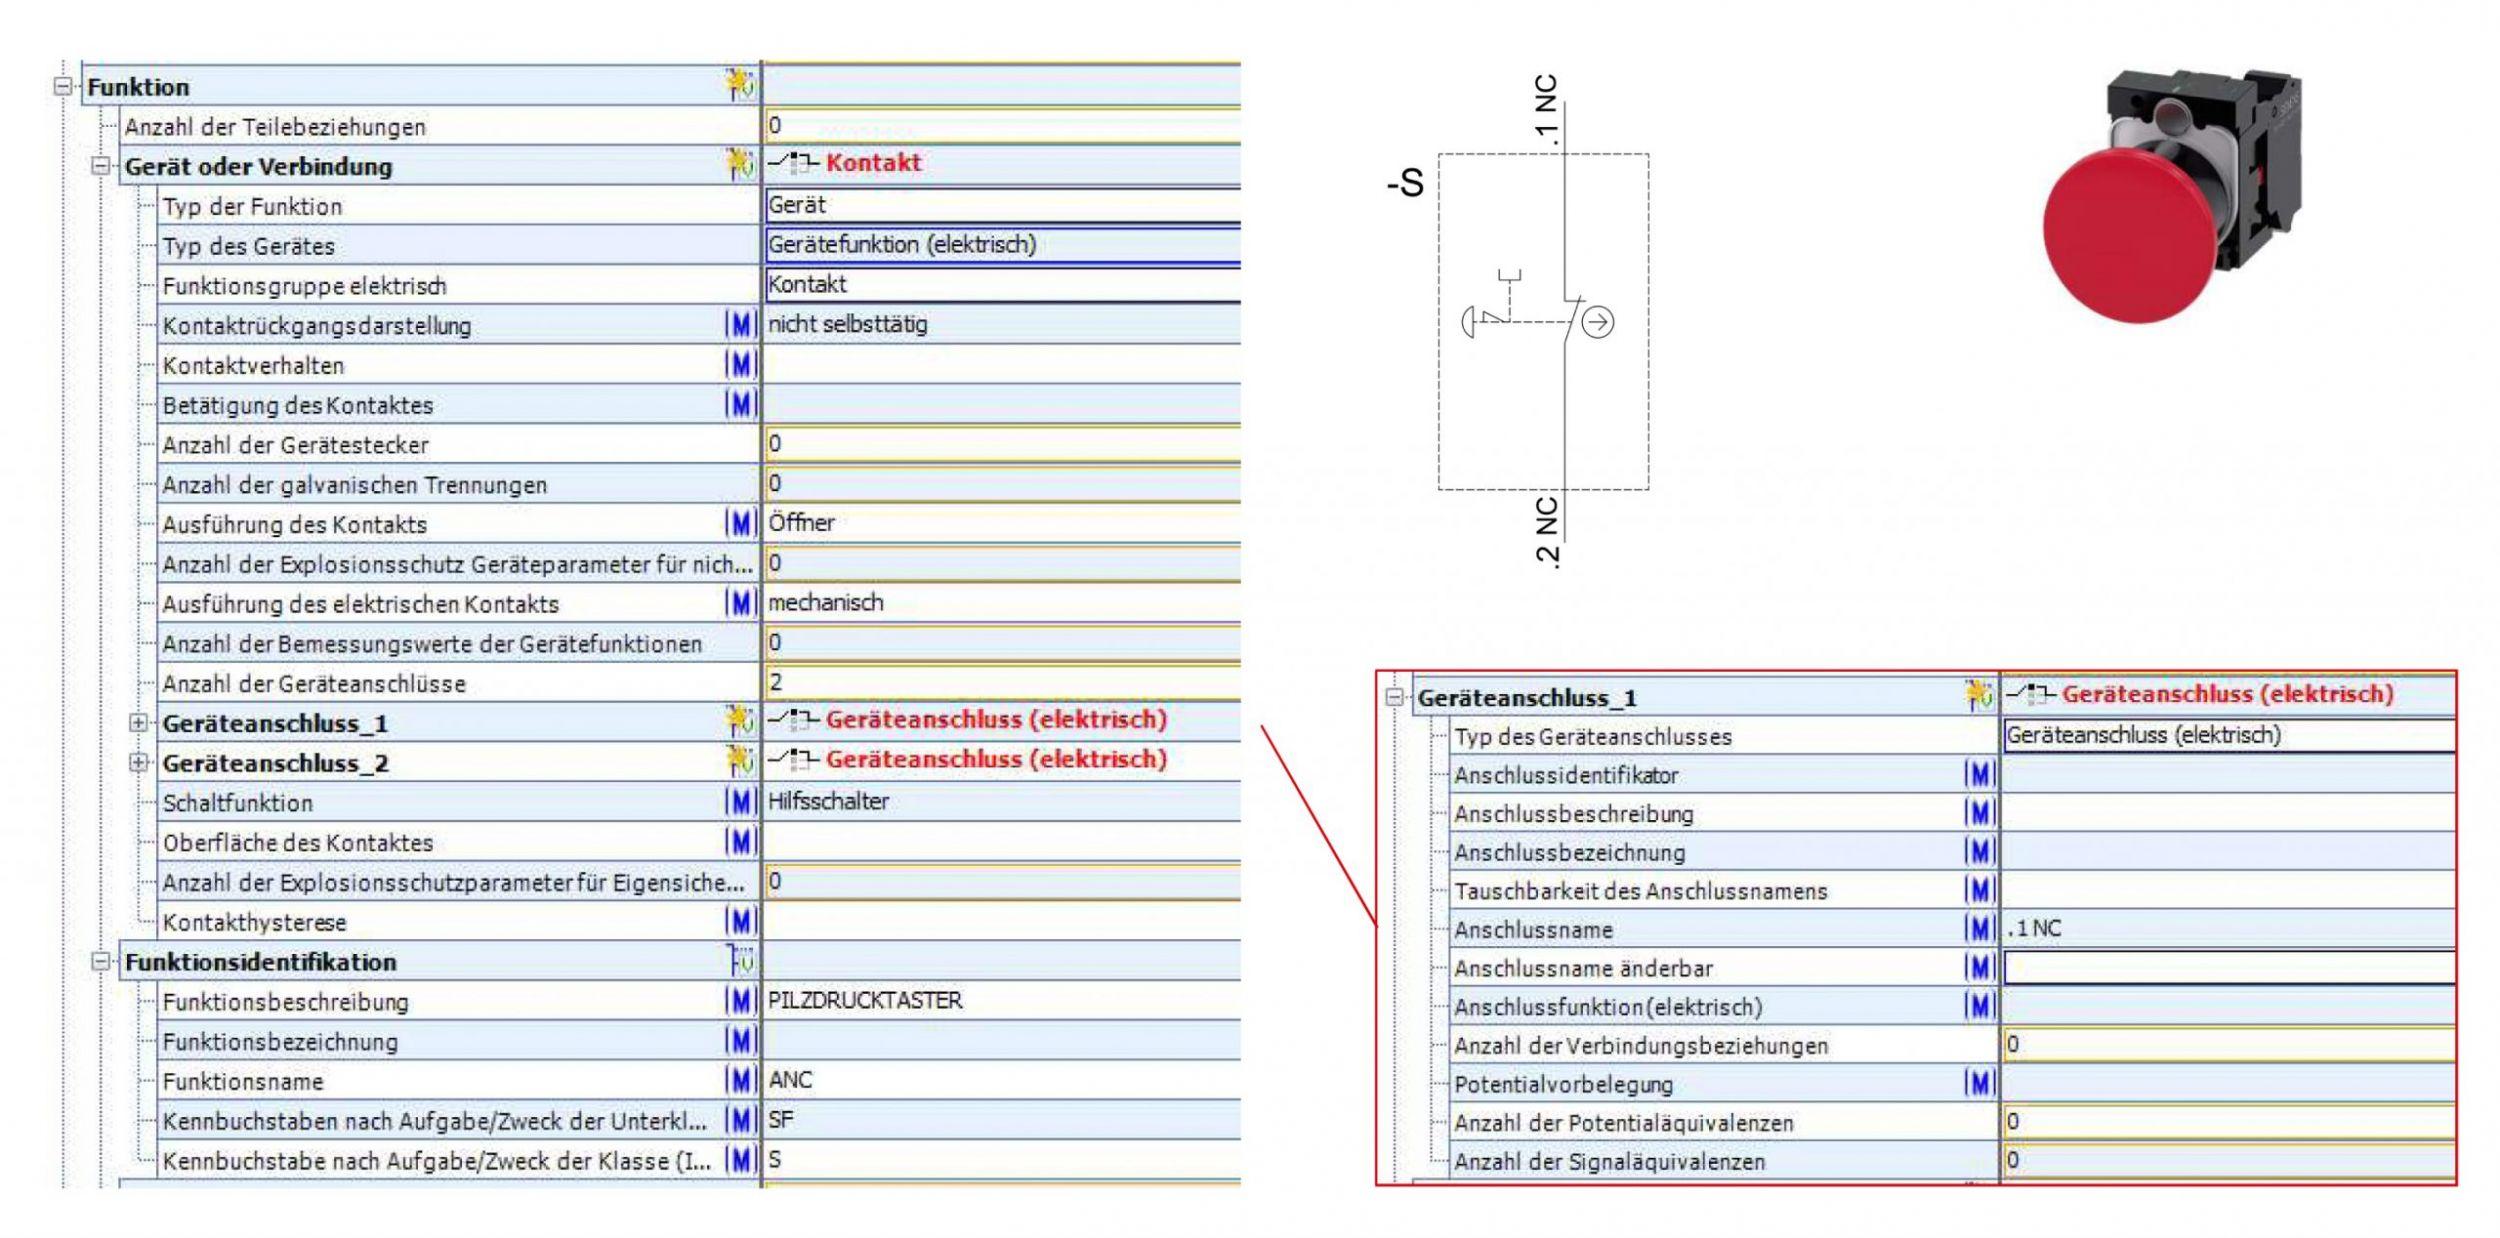 Bild 1   Das Bild zeigt die Abbildung der Funktionsbeschreibung in eCl@ss 11.0 sowie das dazugehörige Schaltsymbol für Pilzdruckschalter. (Bild: AmpereSoft GmbH)